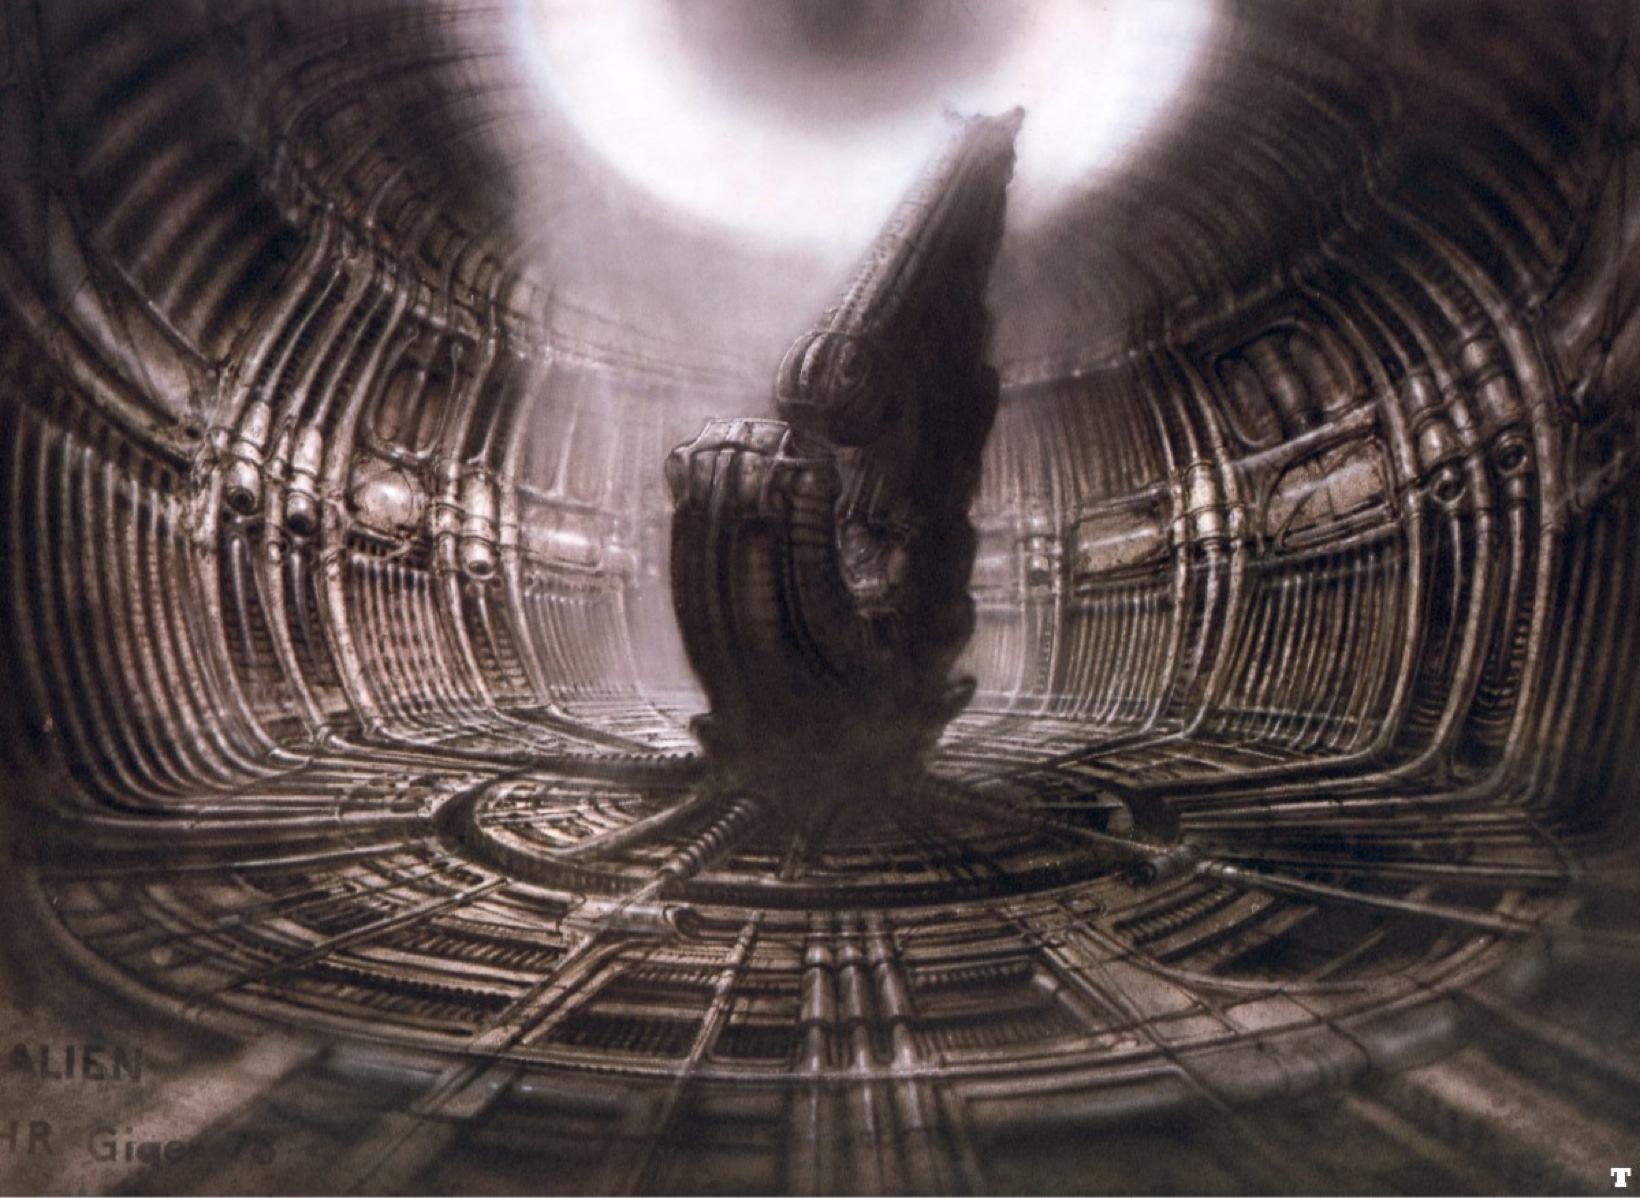 Giger-Alien's Cockpit